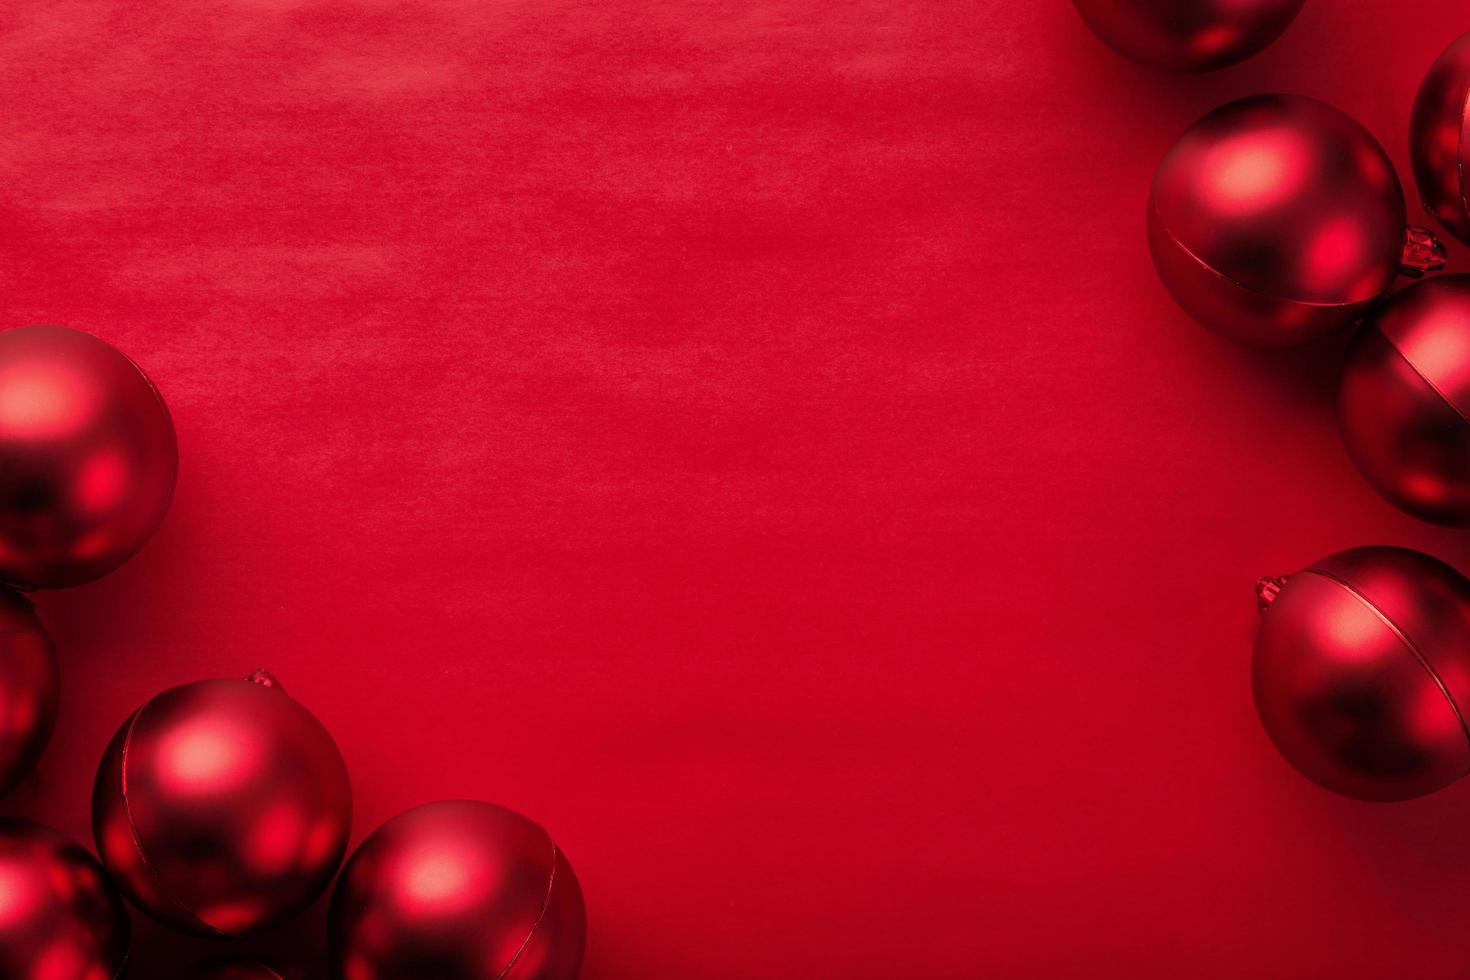 rote Kugeln auf rotem Hintergrund foto